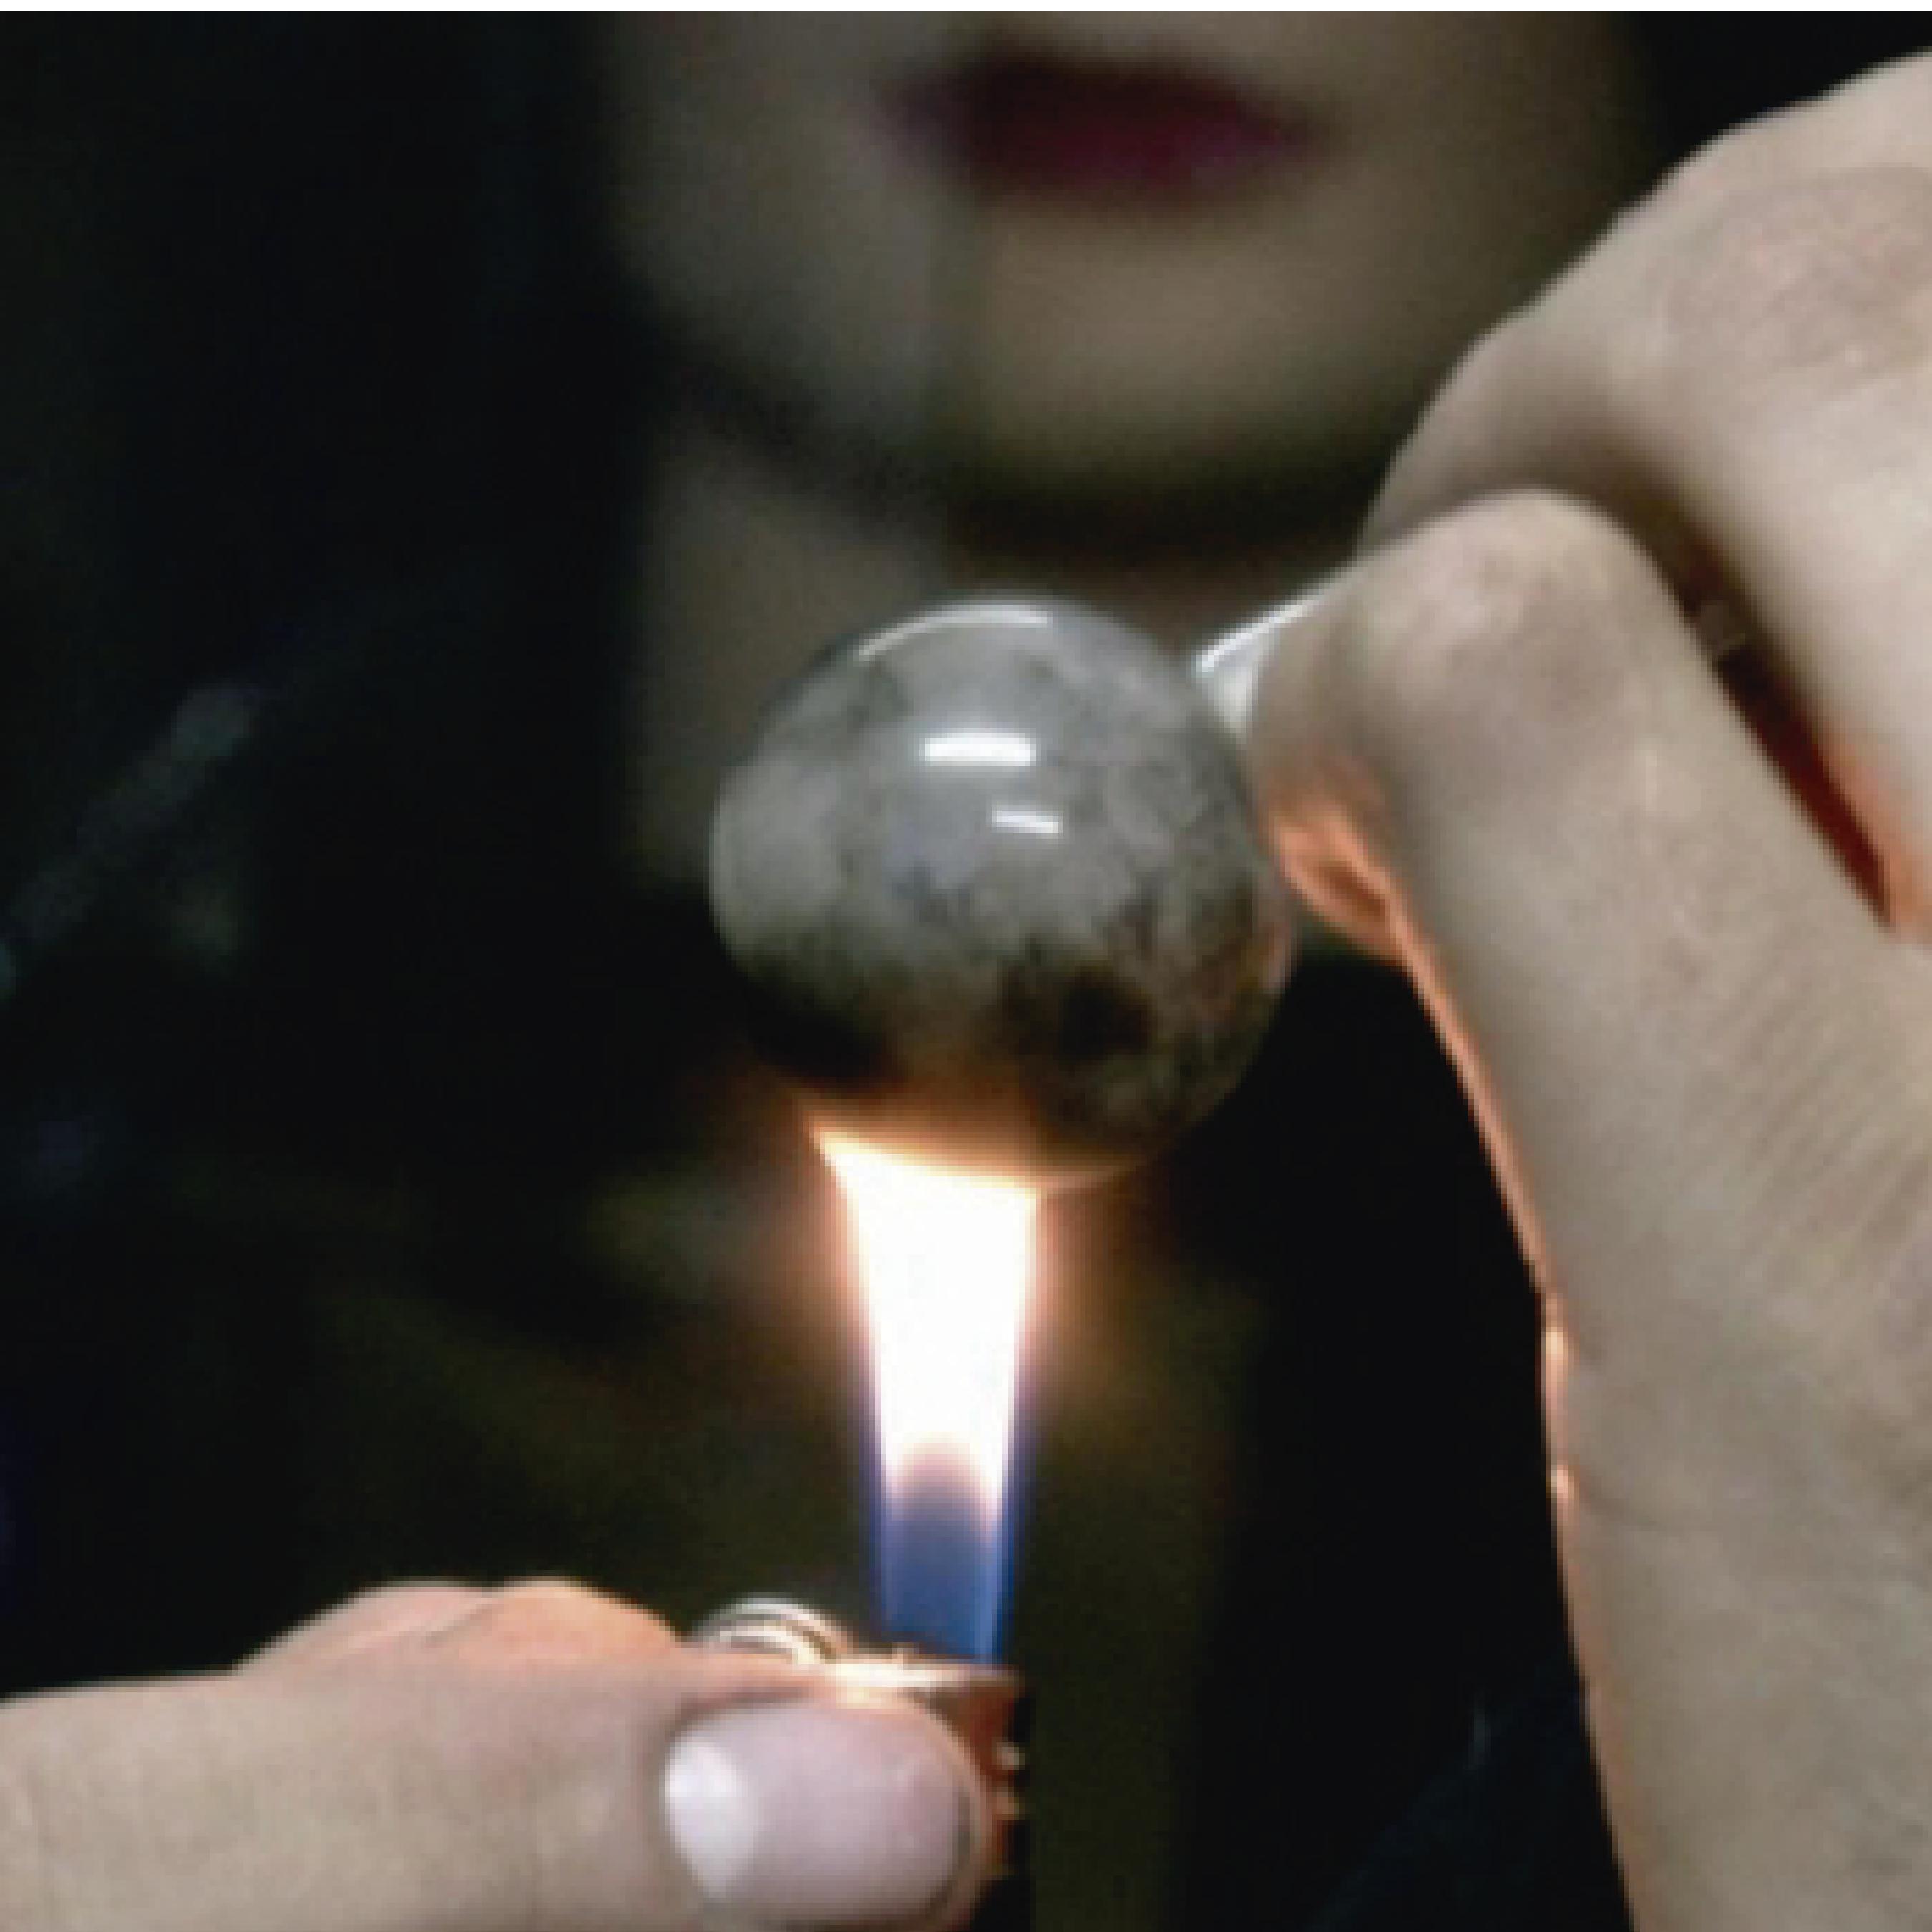 ¿Qué es el cristal? Consecuencia en la persona y su consecuencias